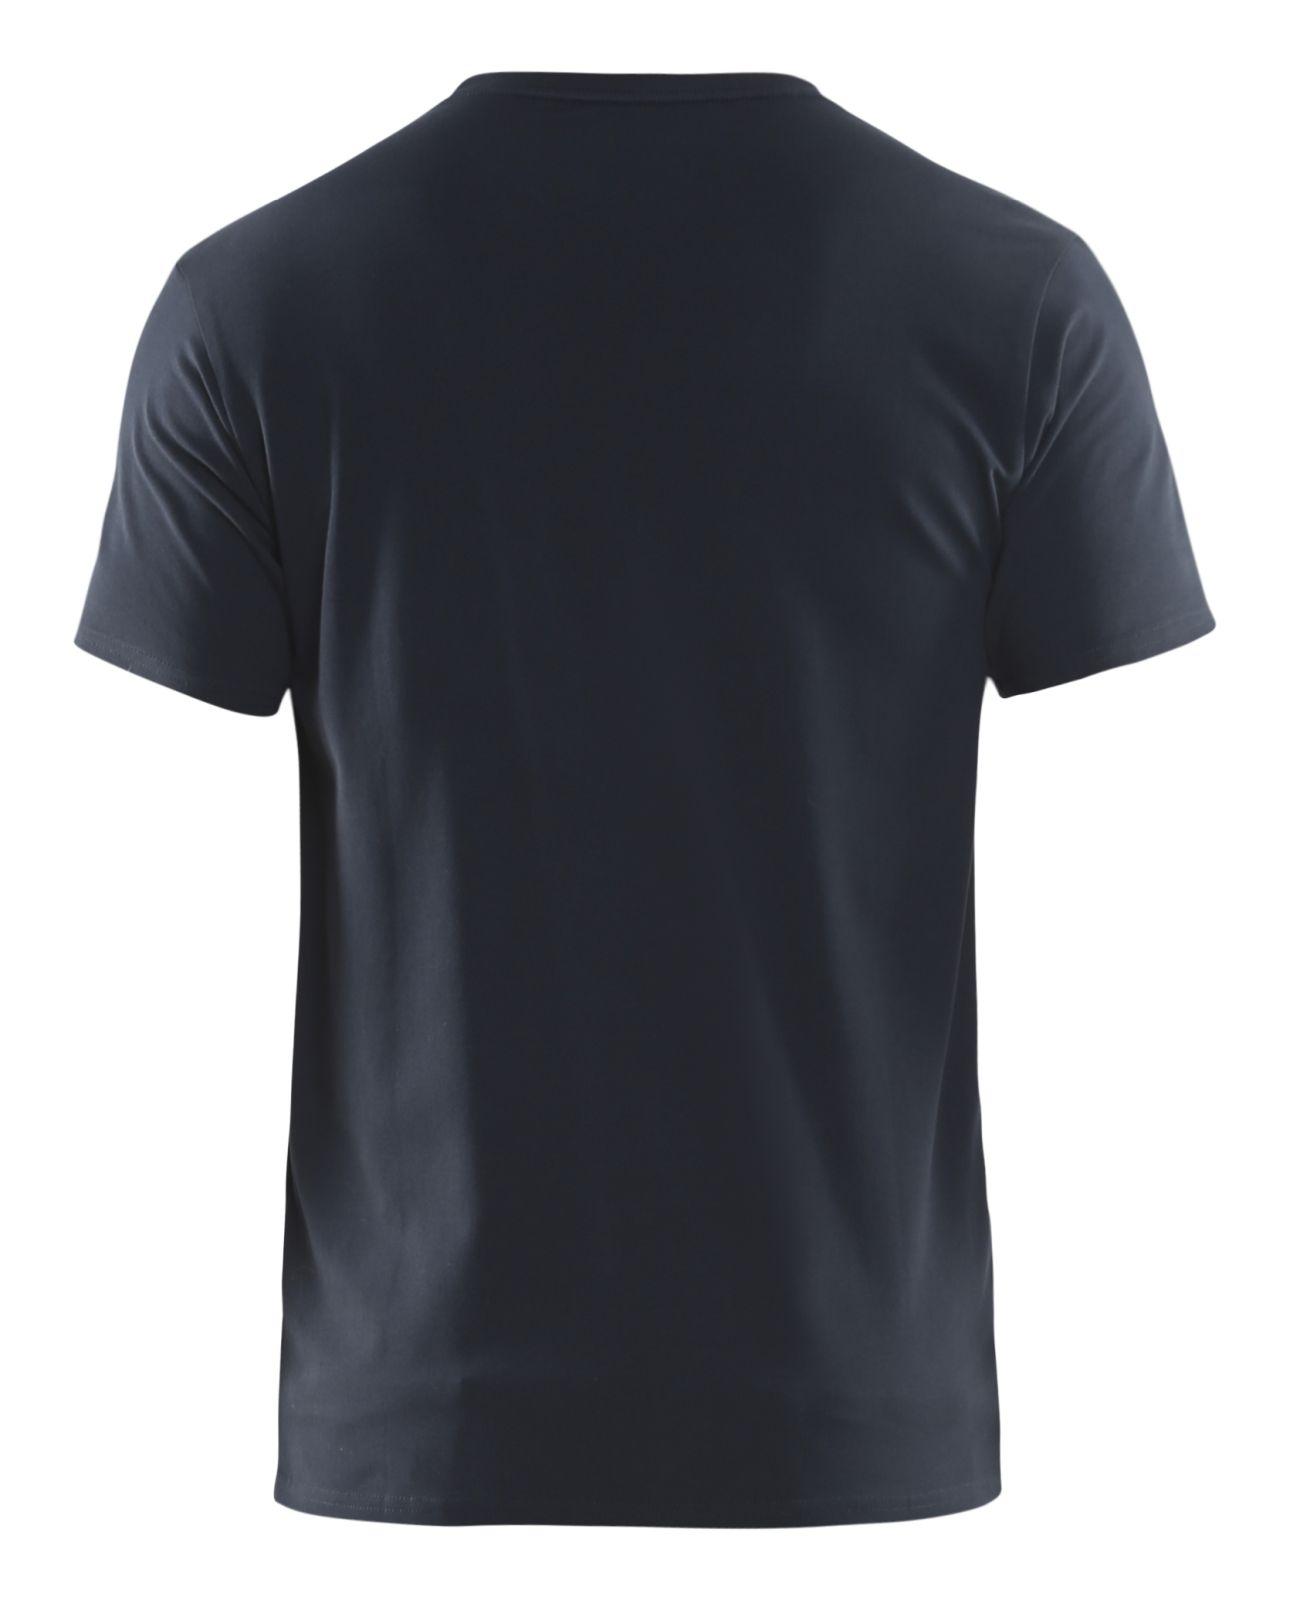 Blaklader T-shirts 35331029 marineblauw(8600)